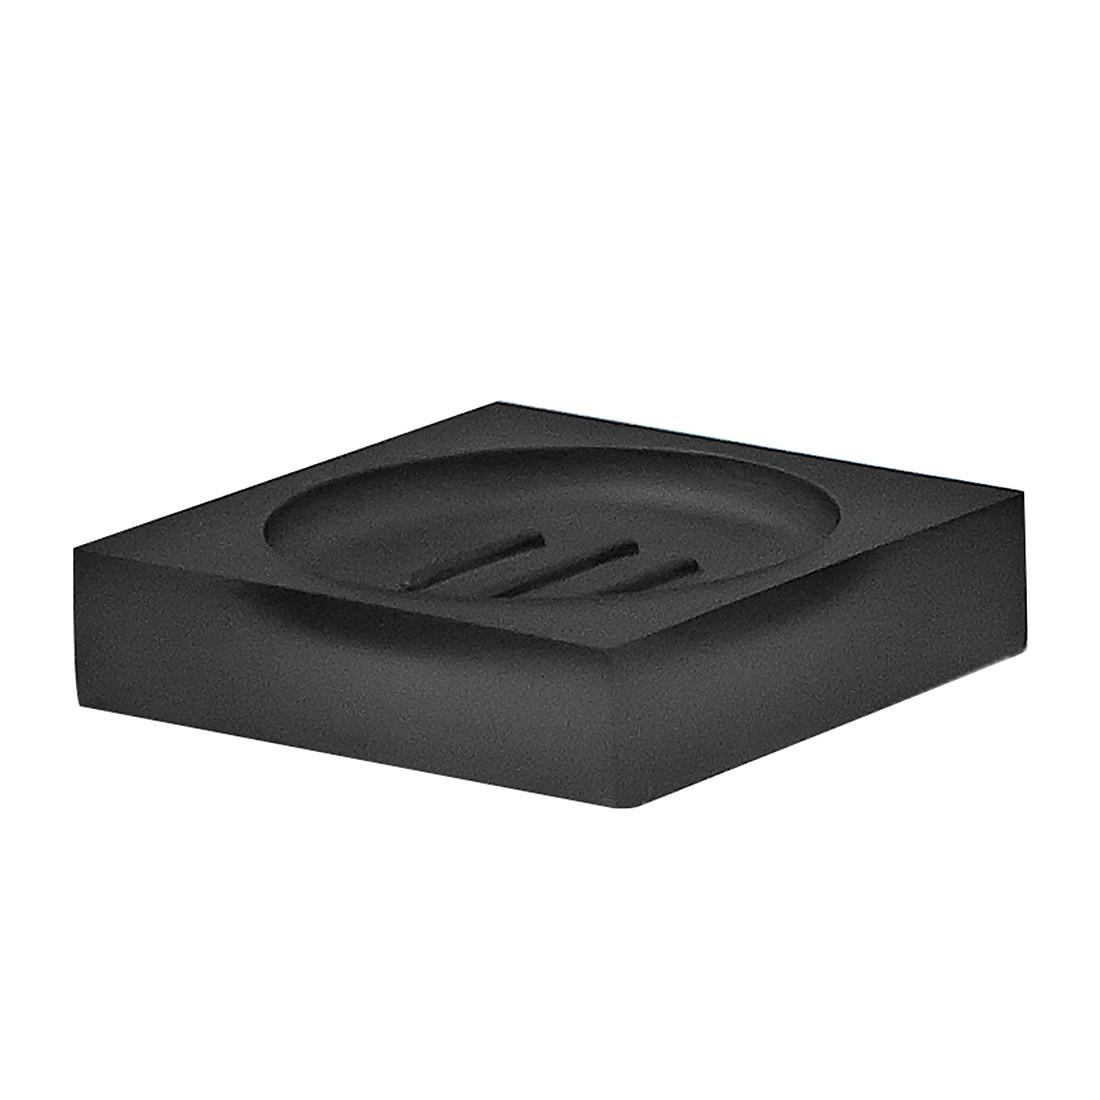 Schale Cube – Schwarz, Nicol-Wohnausstattungen jetzt bestellen